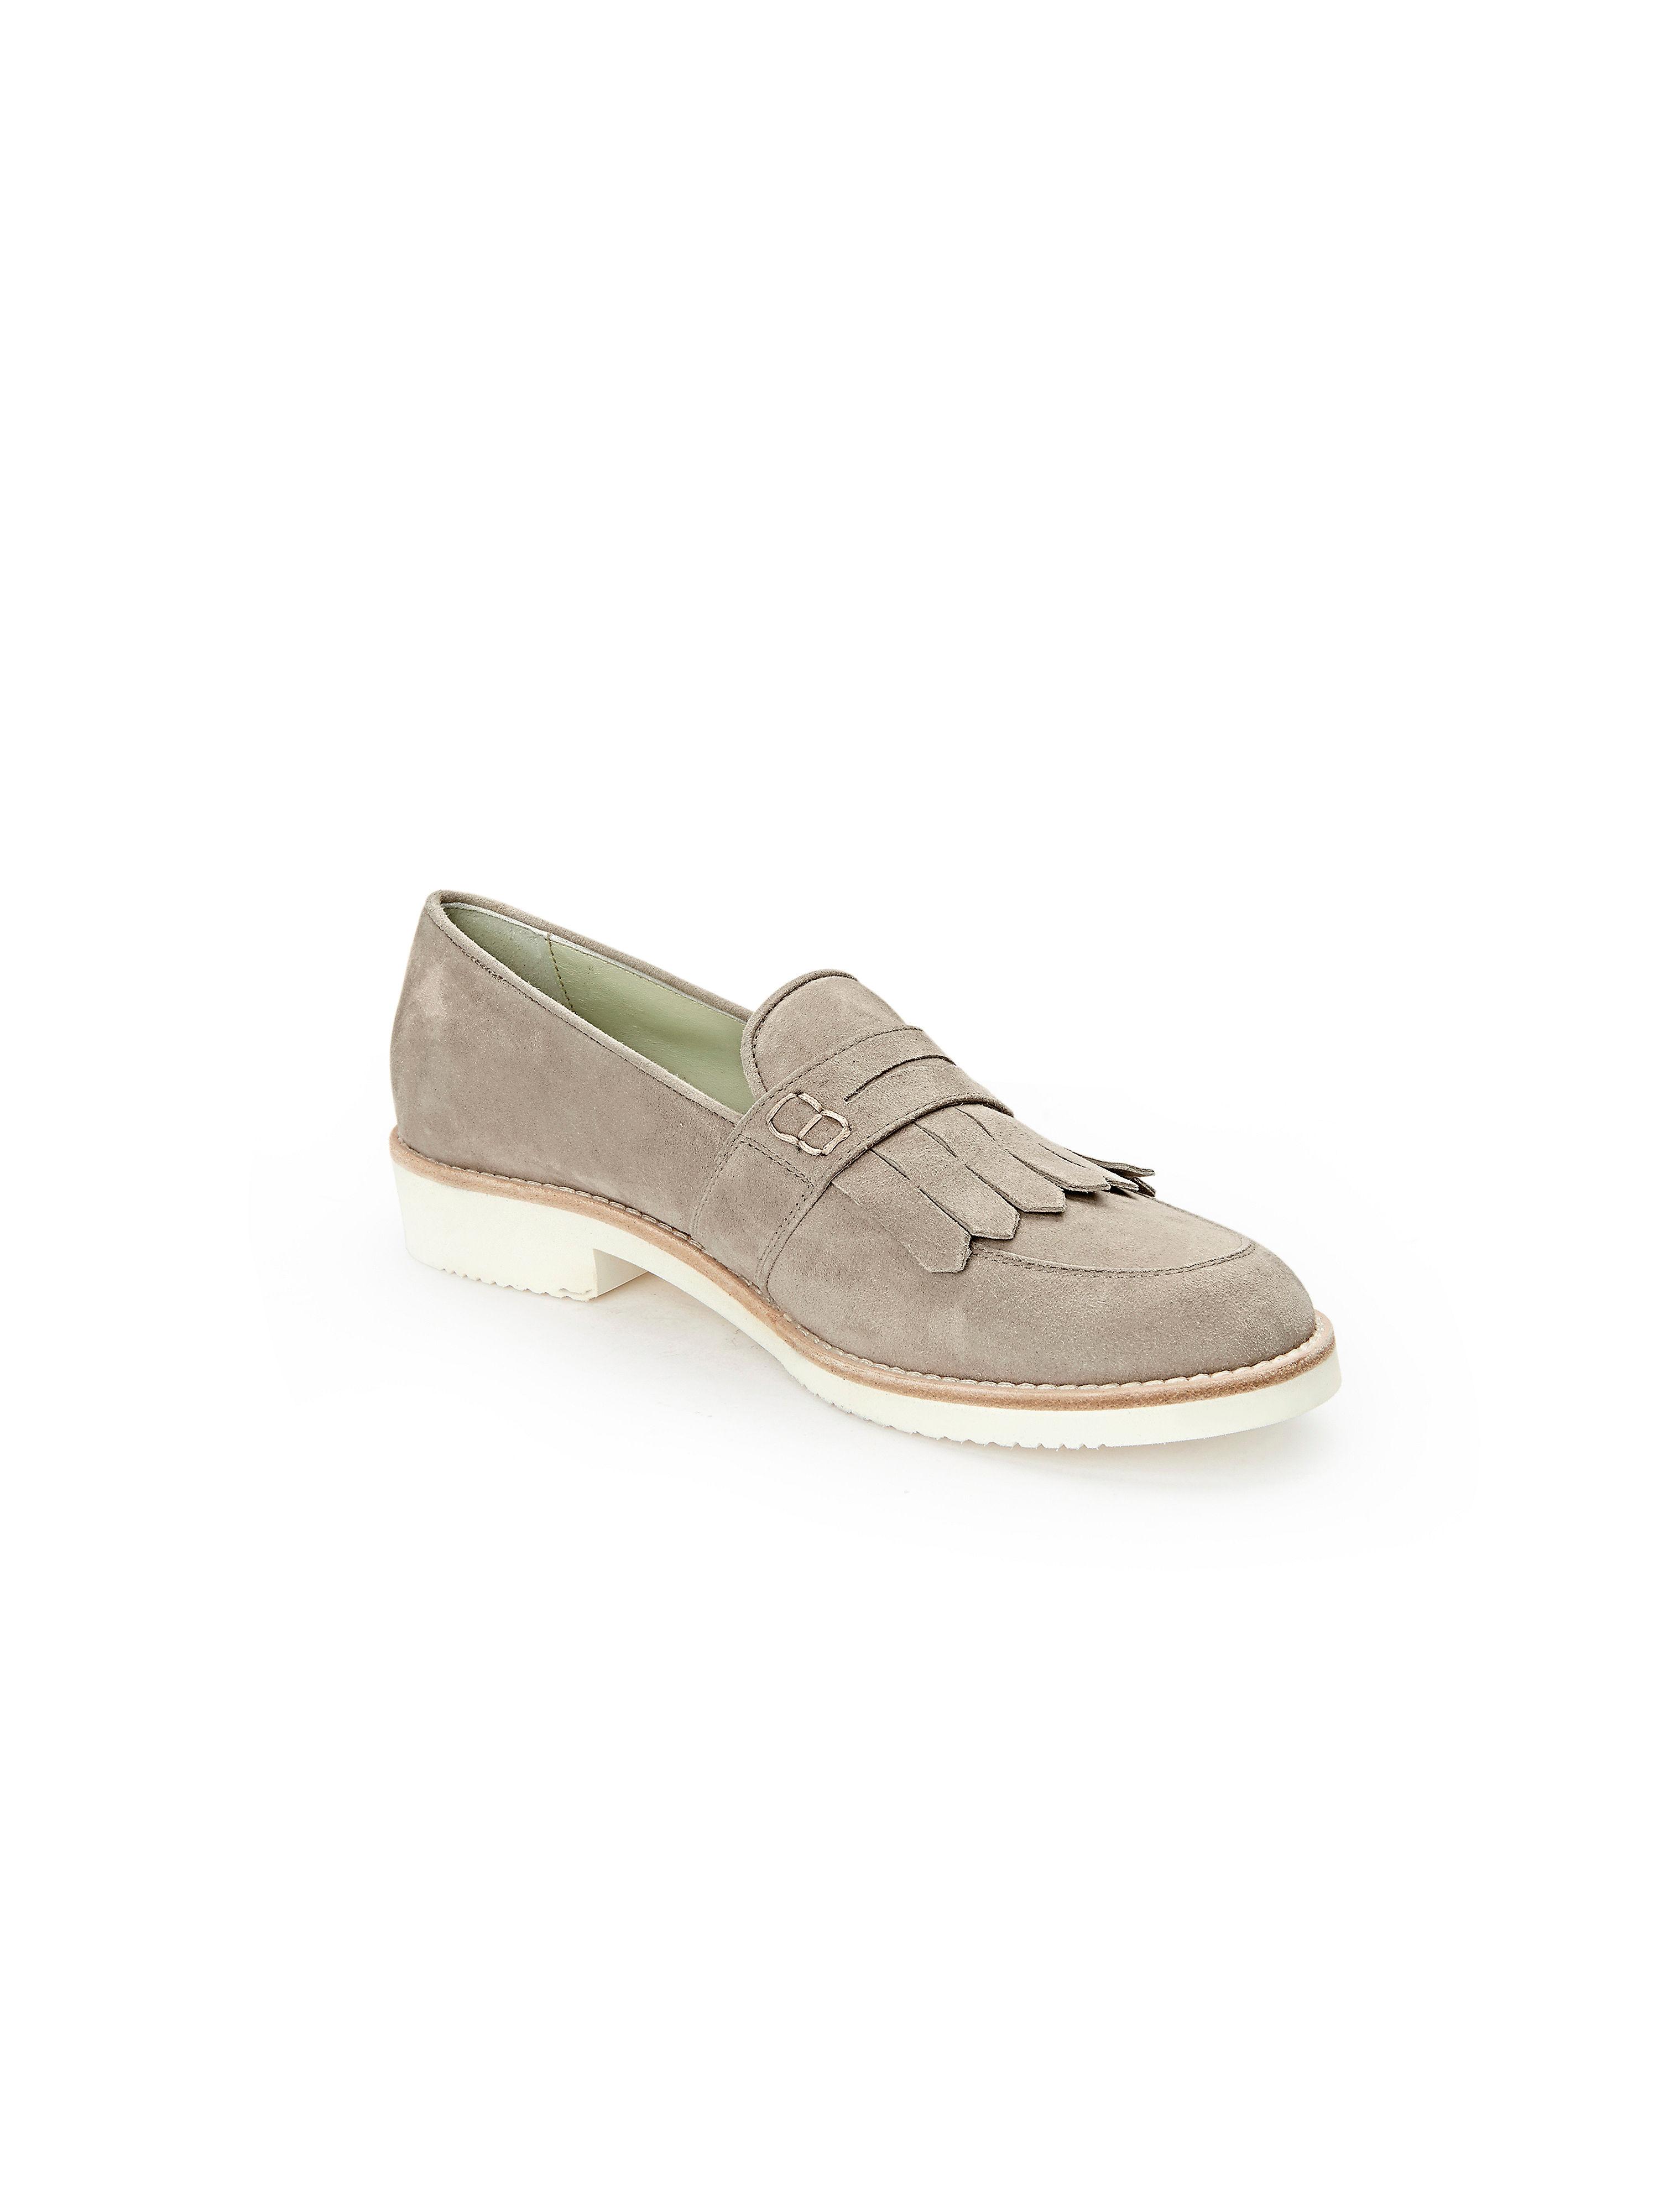 Peter Hahn exquisit - Slipper aus 100% Leder - Sand Gute Qualität beliebte Schuhe